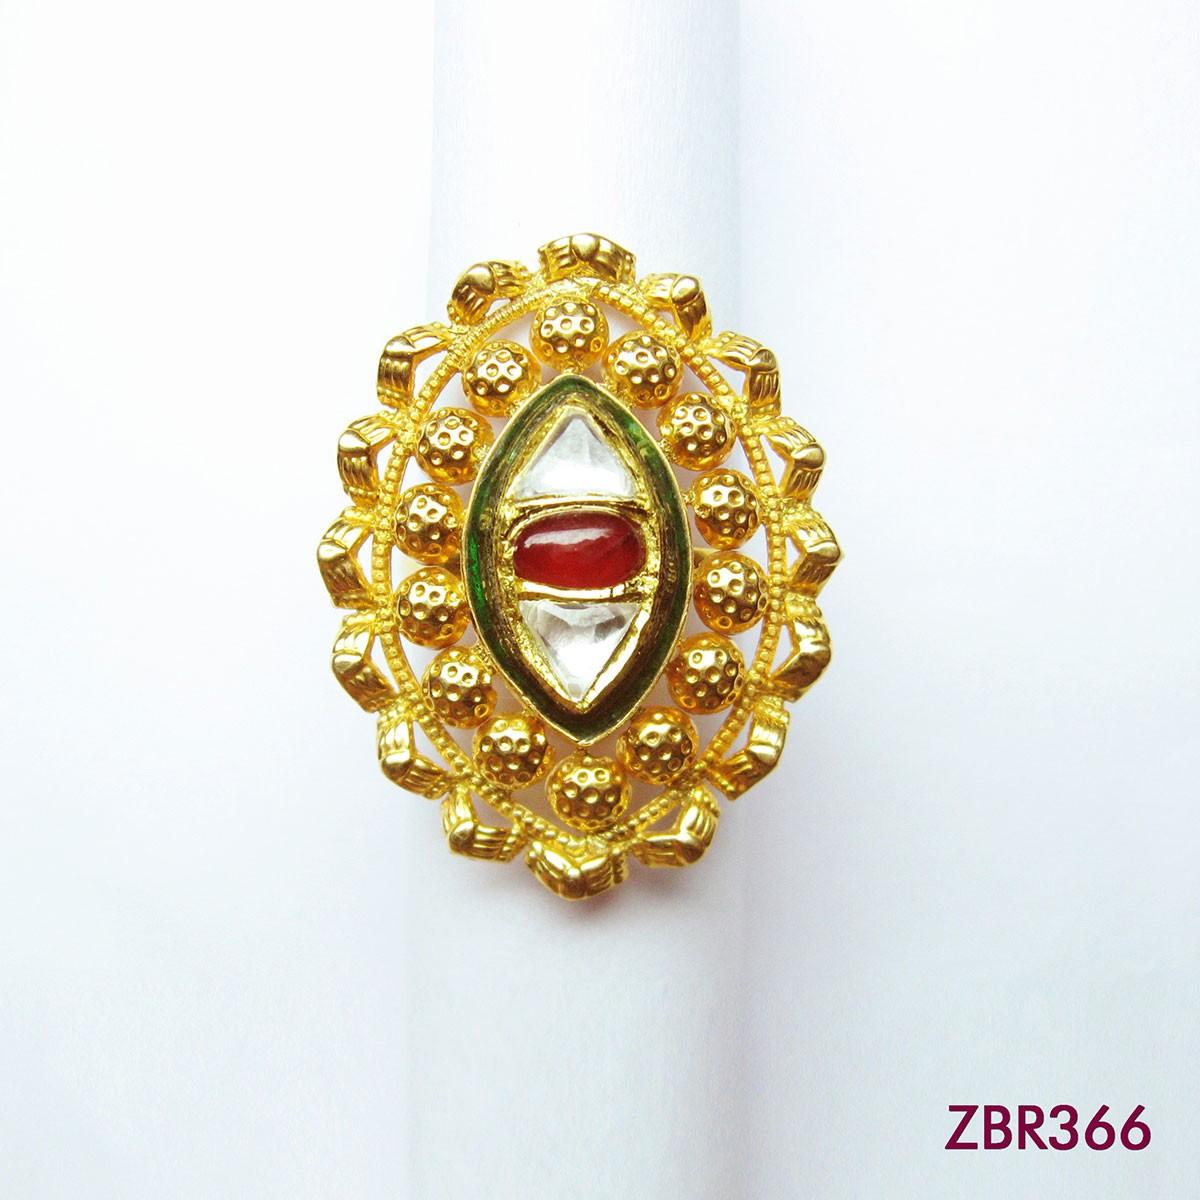 ZBR366